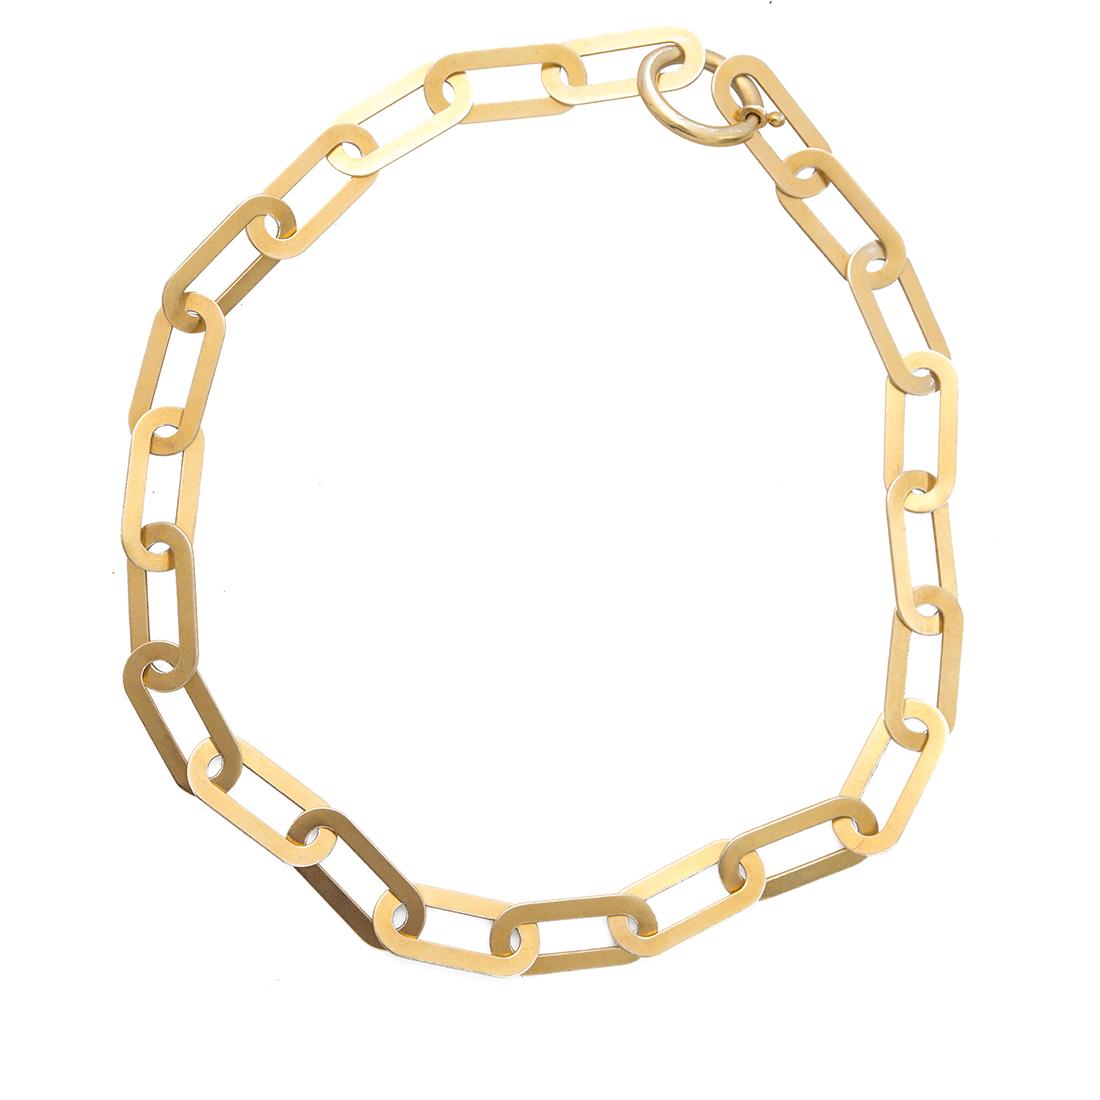 153.-Net-II-Chain-g